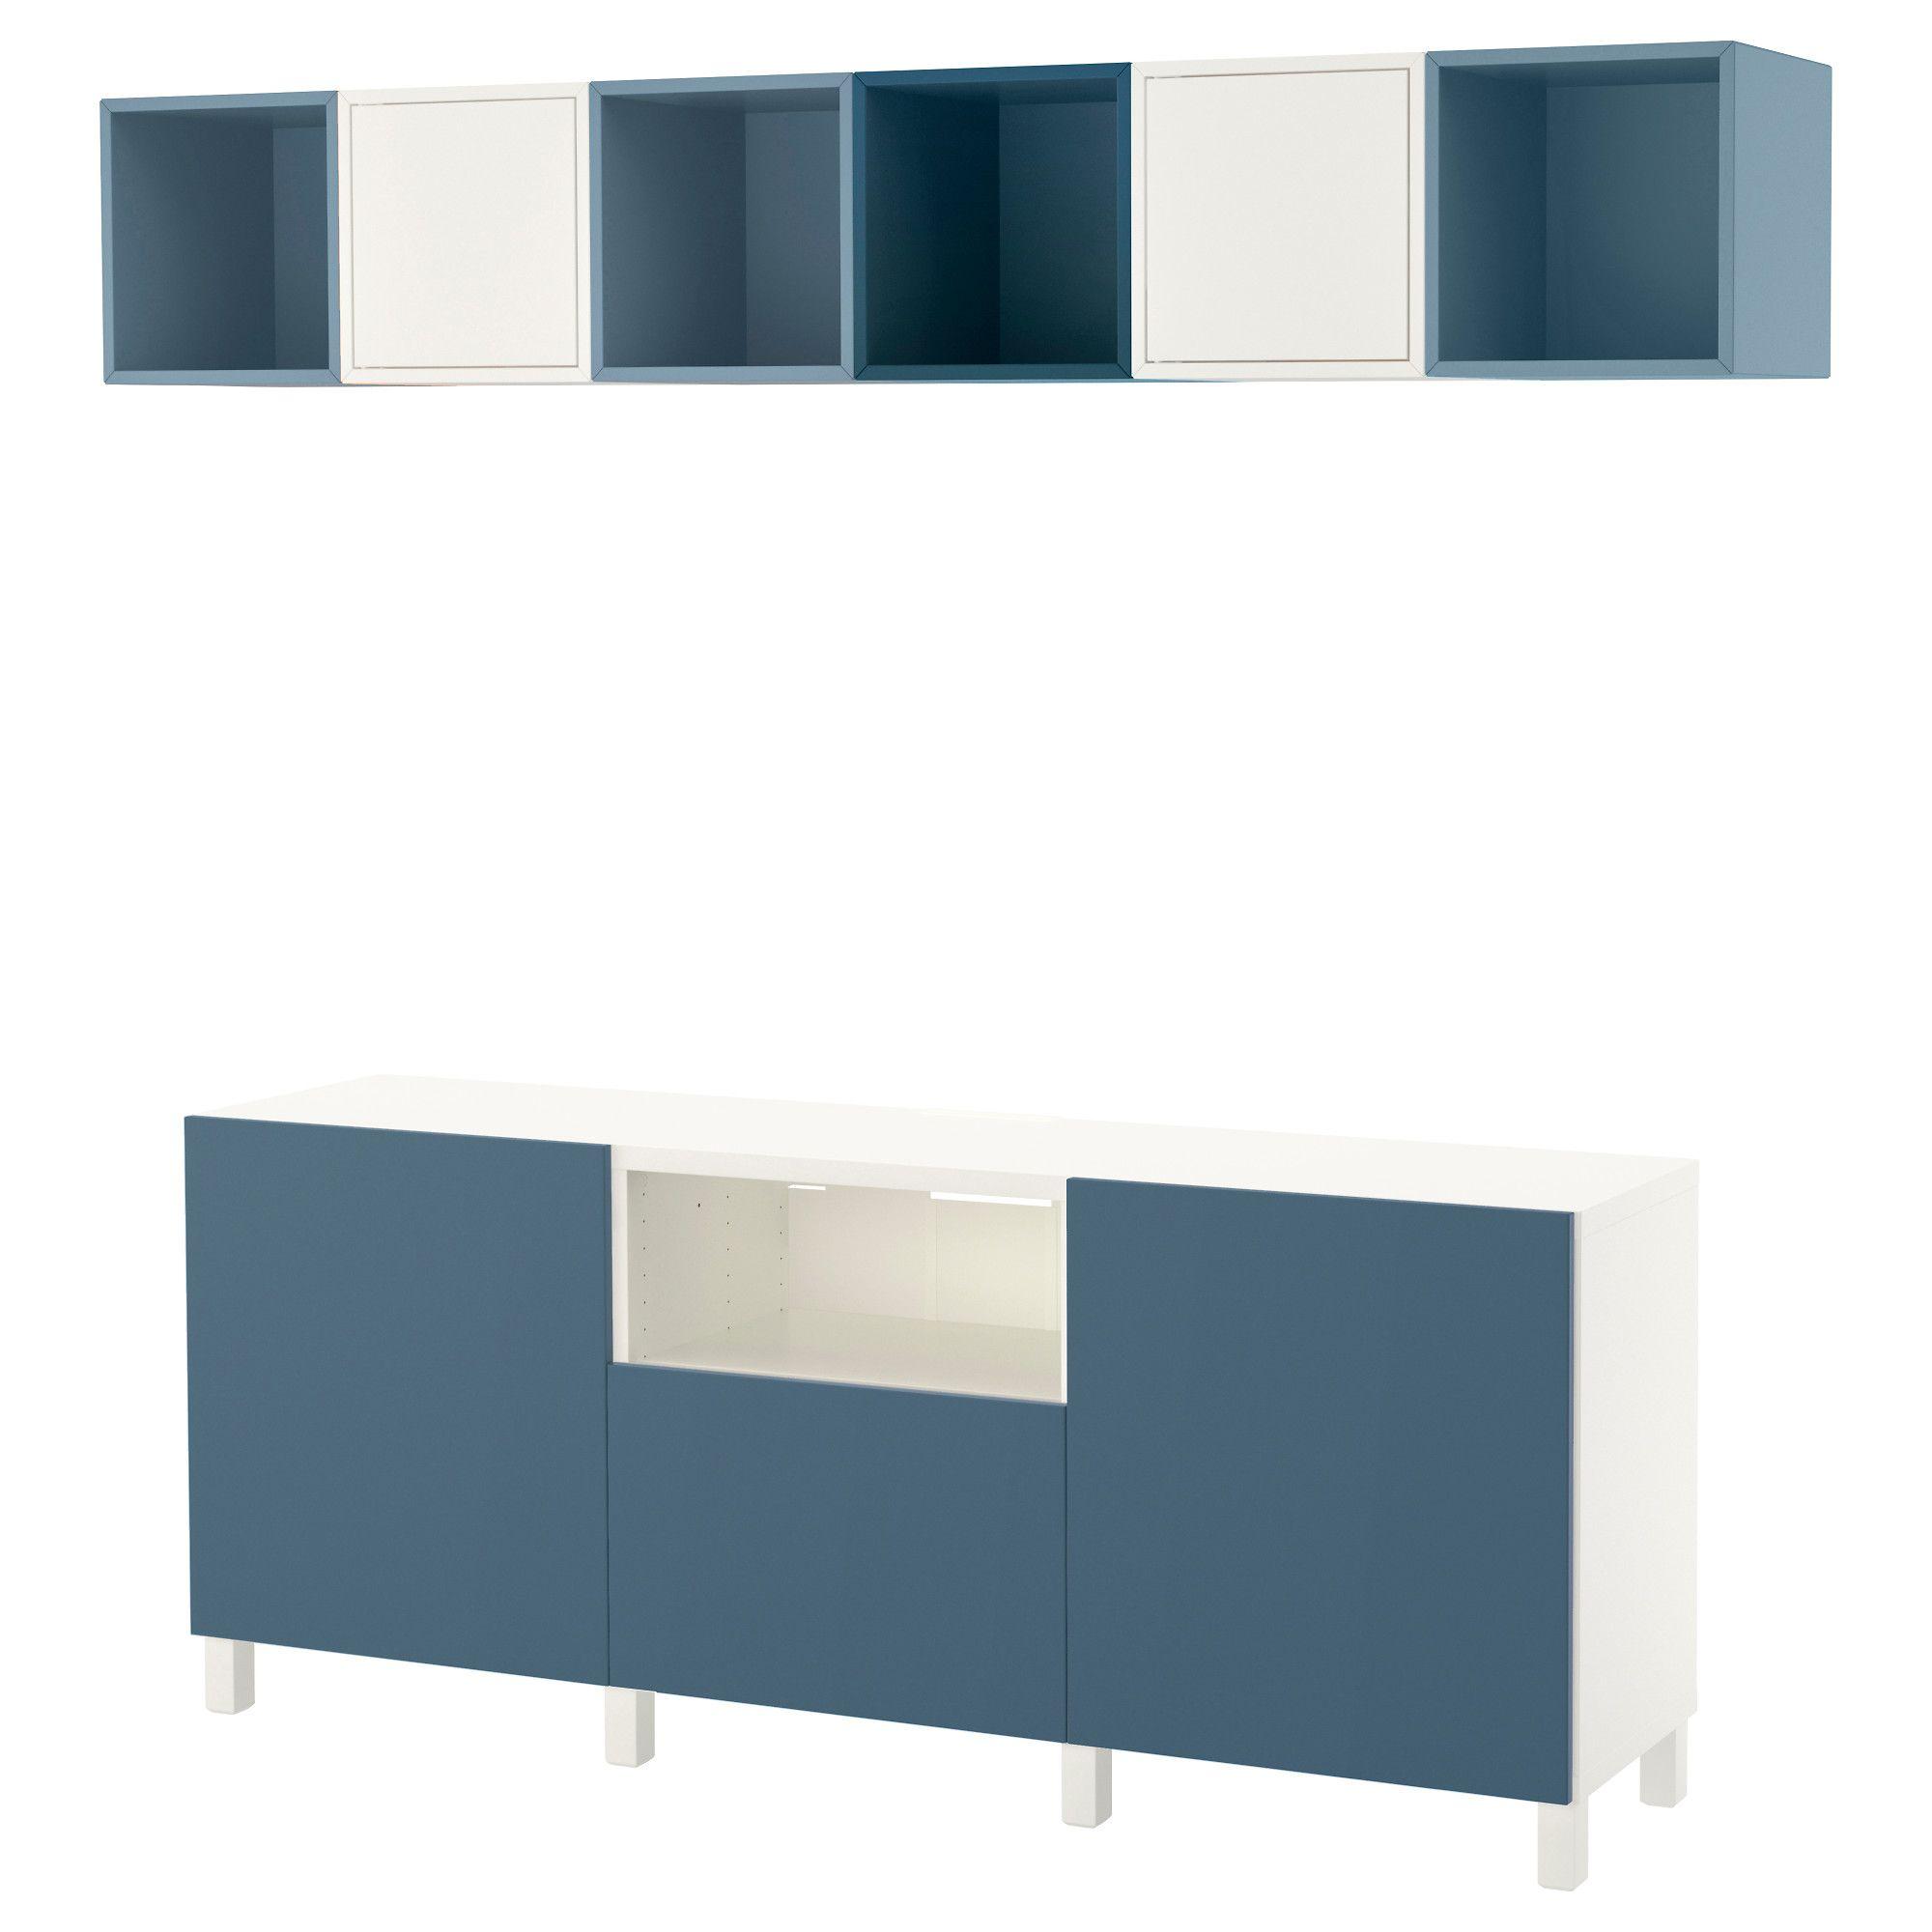 Besta Eket Tv Benches Ikea Mit Bildern Tv Hifi Mobel